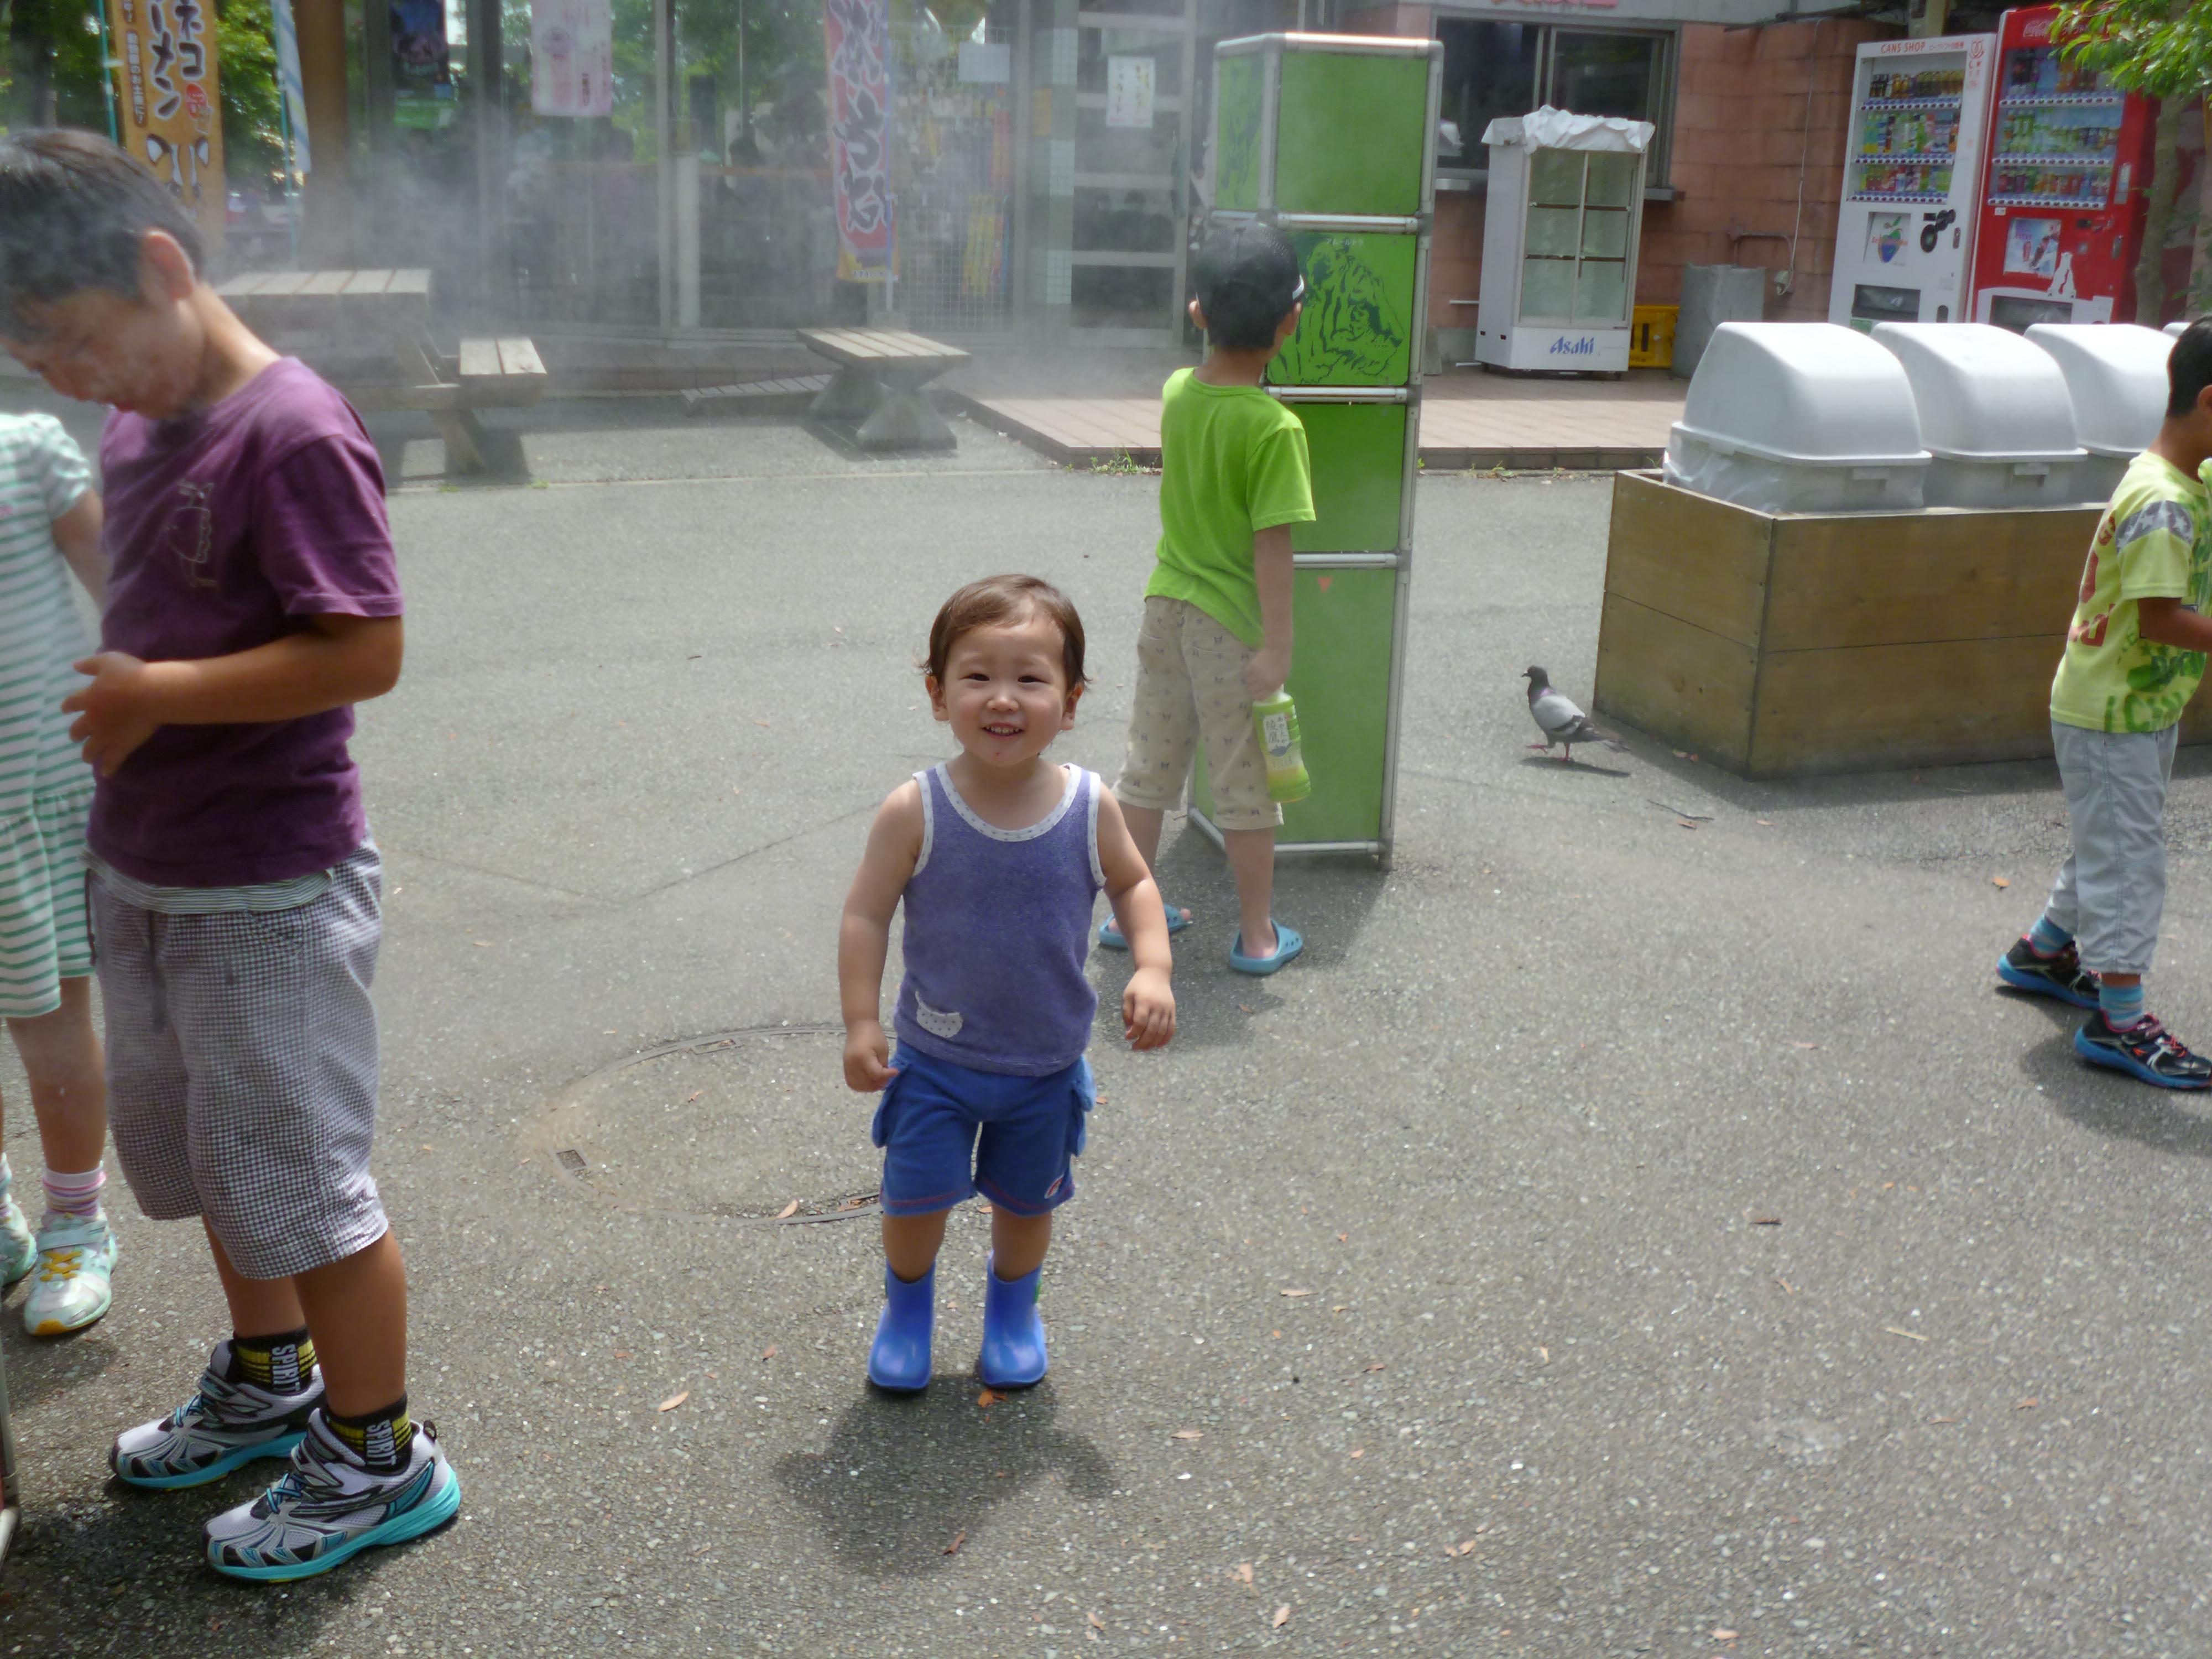 福岡市動物園のミストエリア